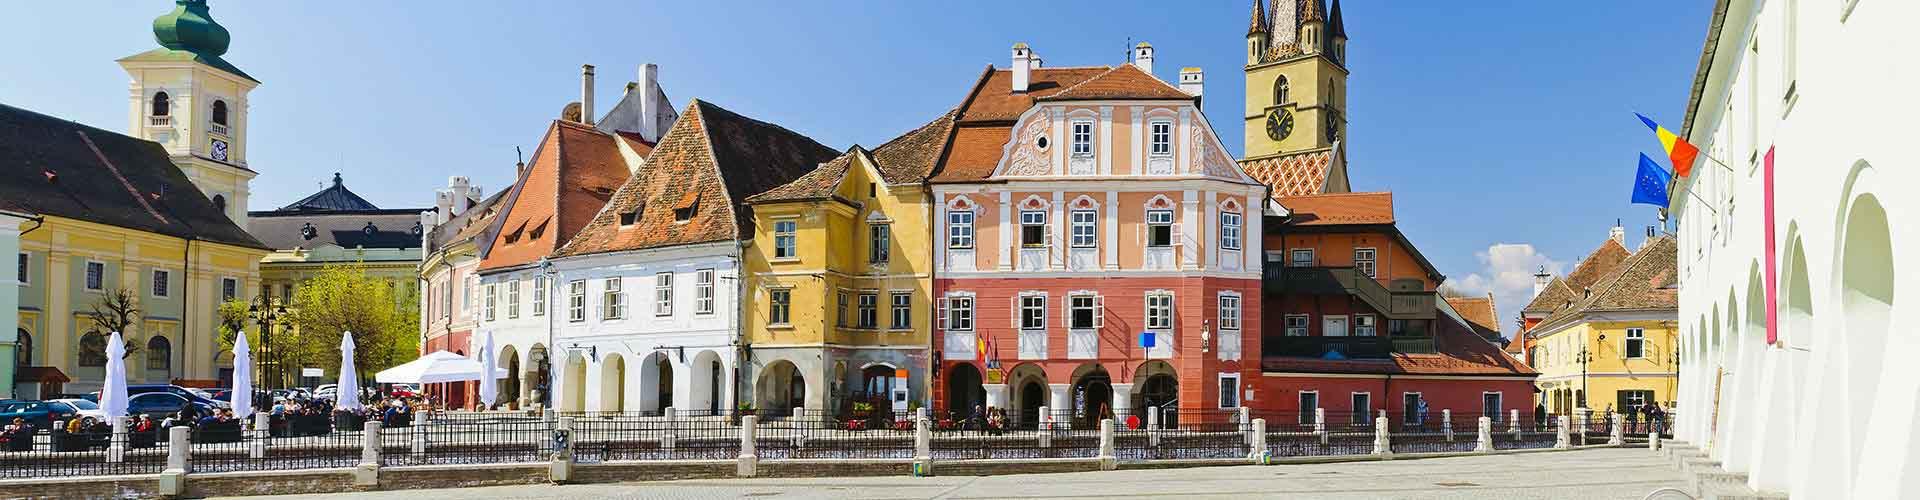 Sibiu – Hostels in Sibiu. Sibiu auf der Karte. Fotos und Bewertungen für jedes Hostel in Sibiu.